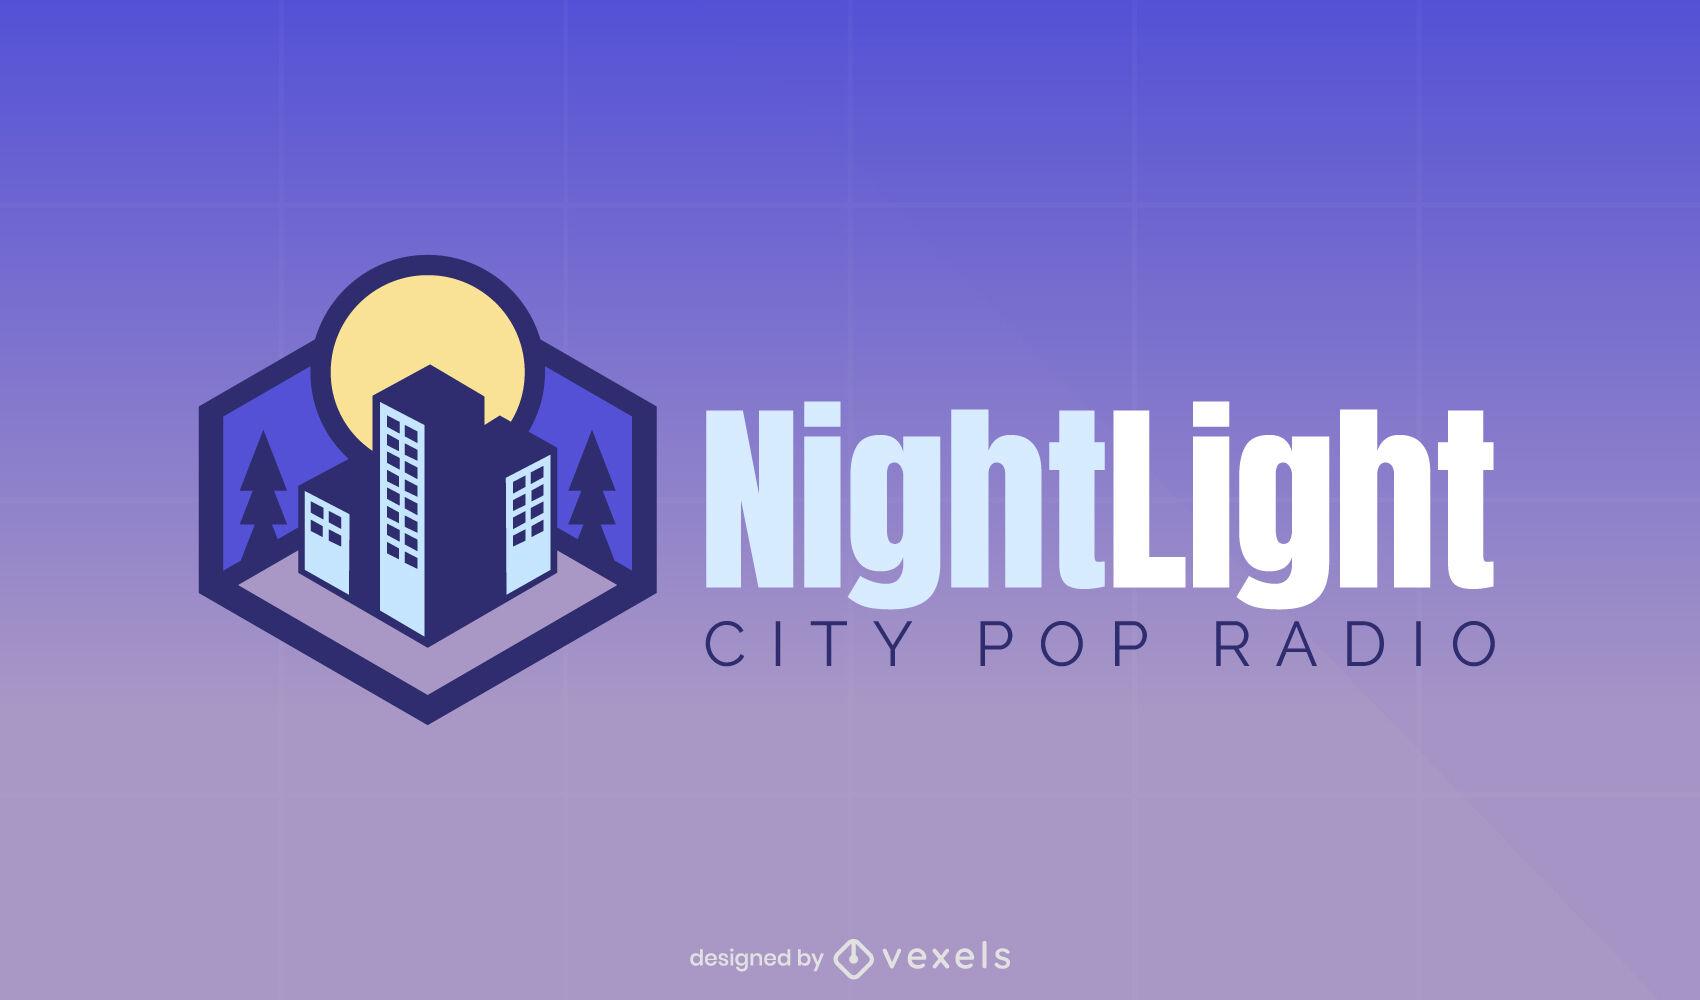 Ciudad isométrica en logo de noche